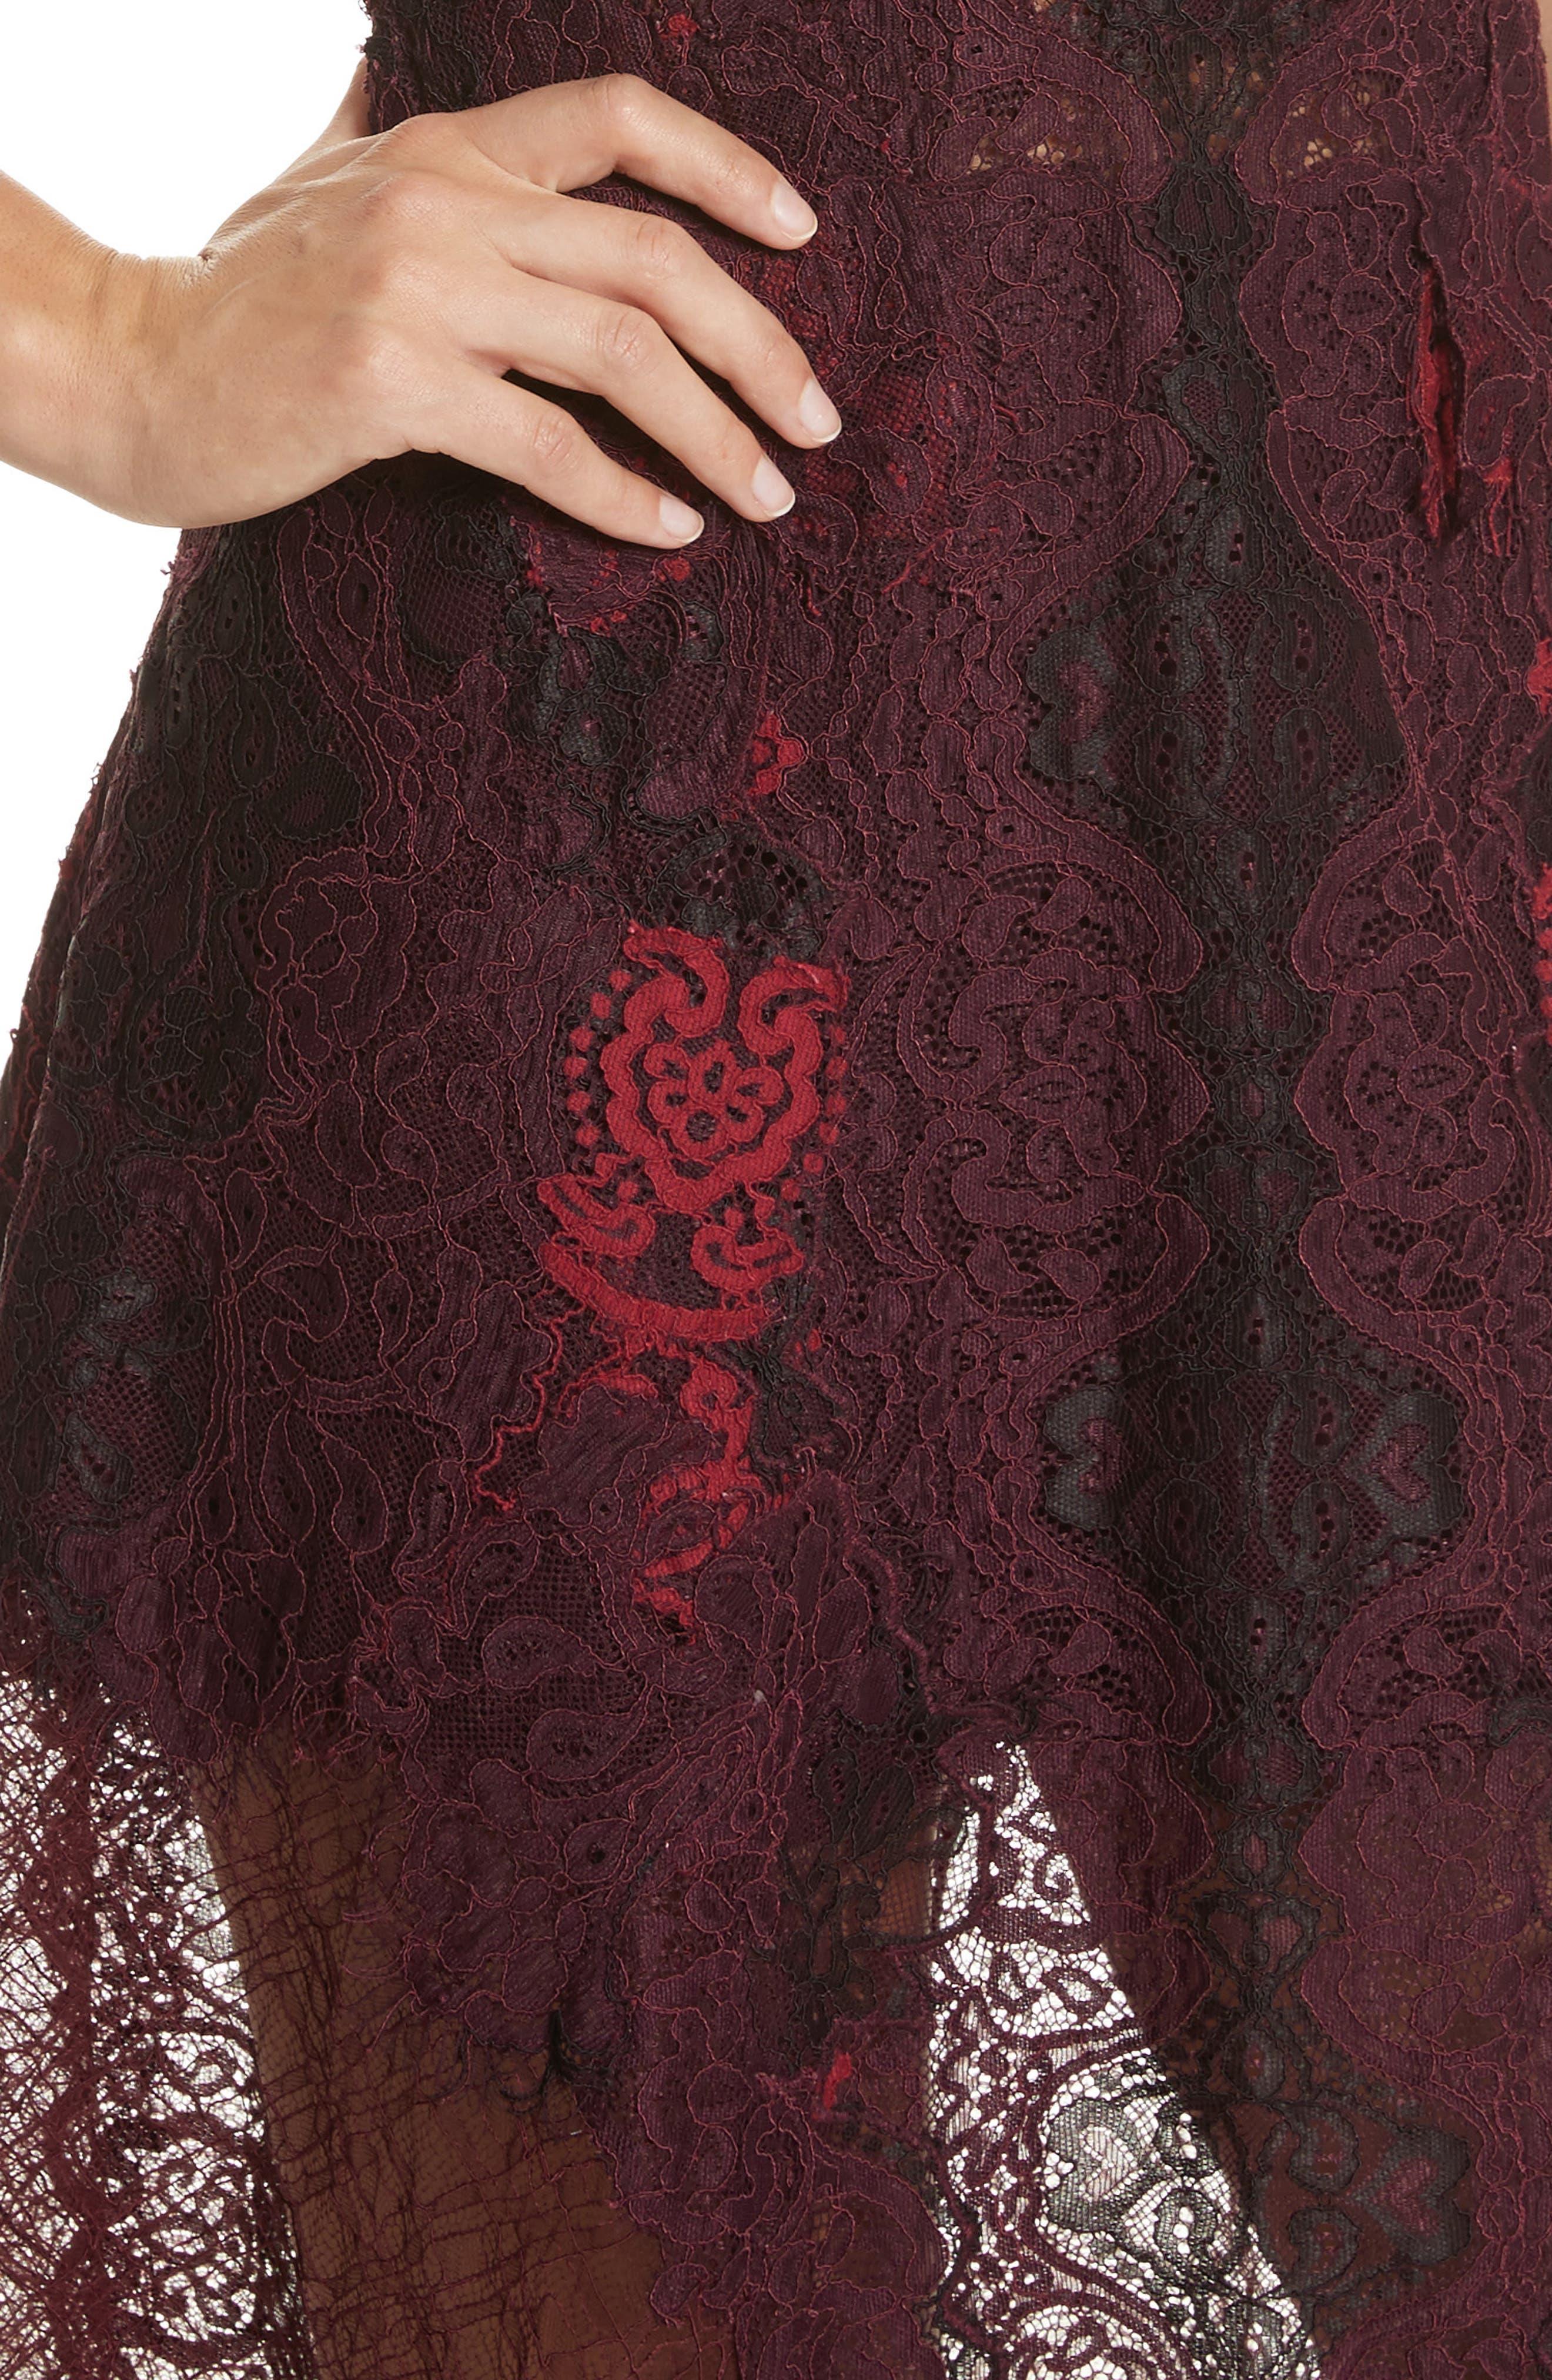 Grommet Detail Lace Dress,                             Alternate thumbnail 4, color,